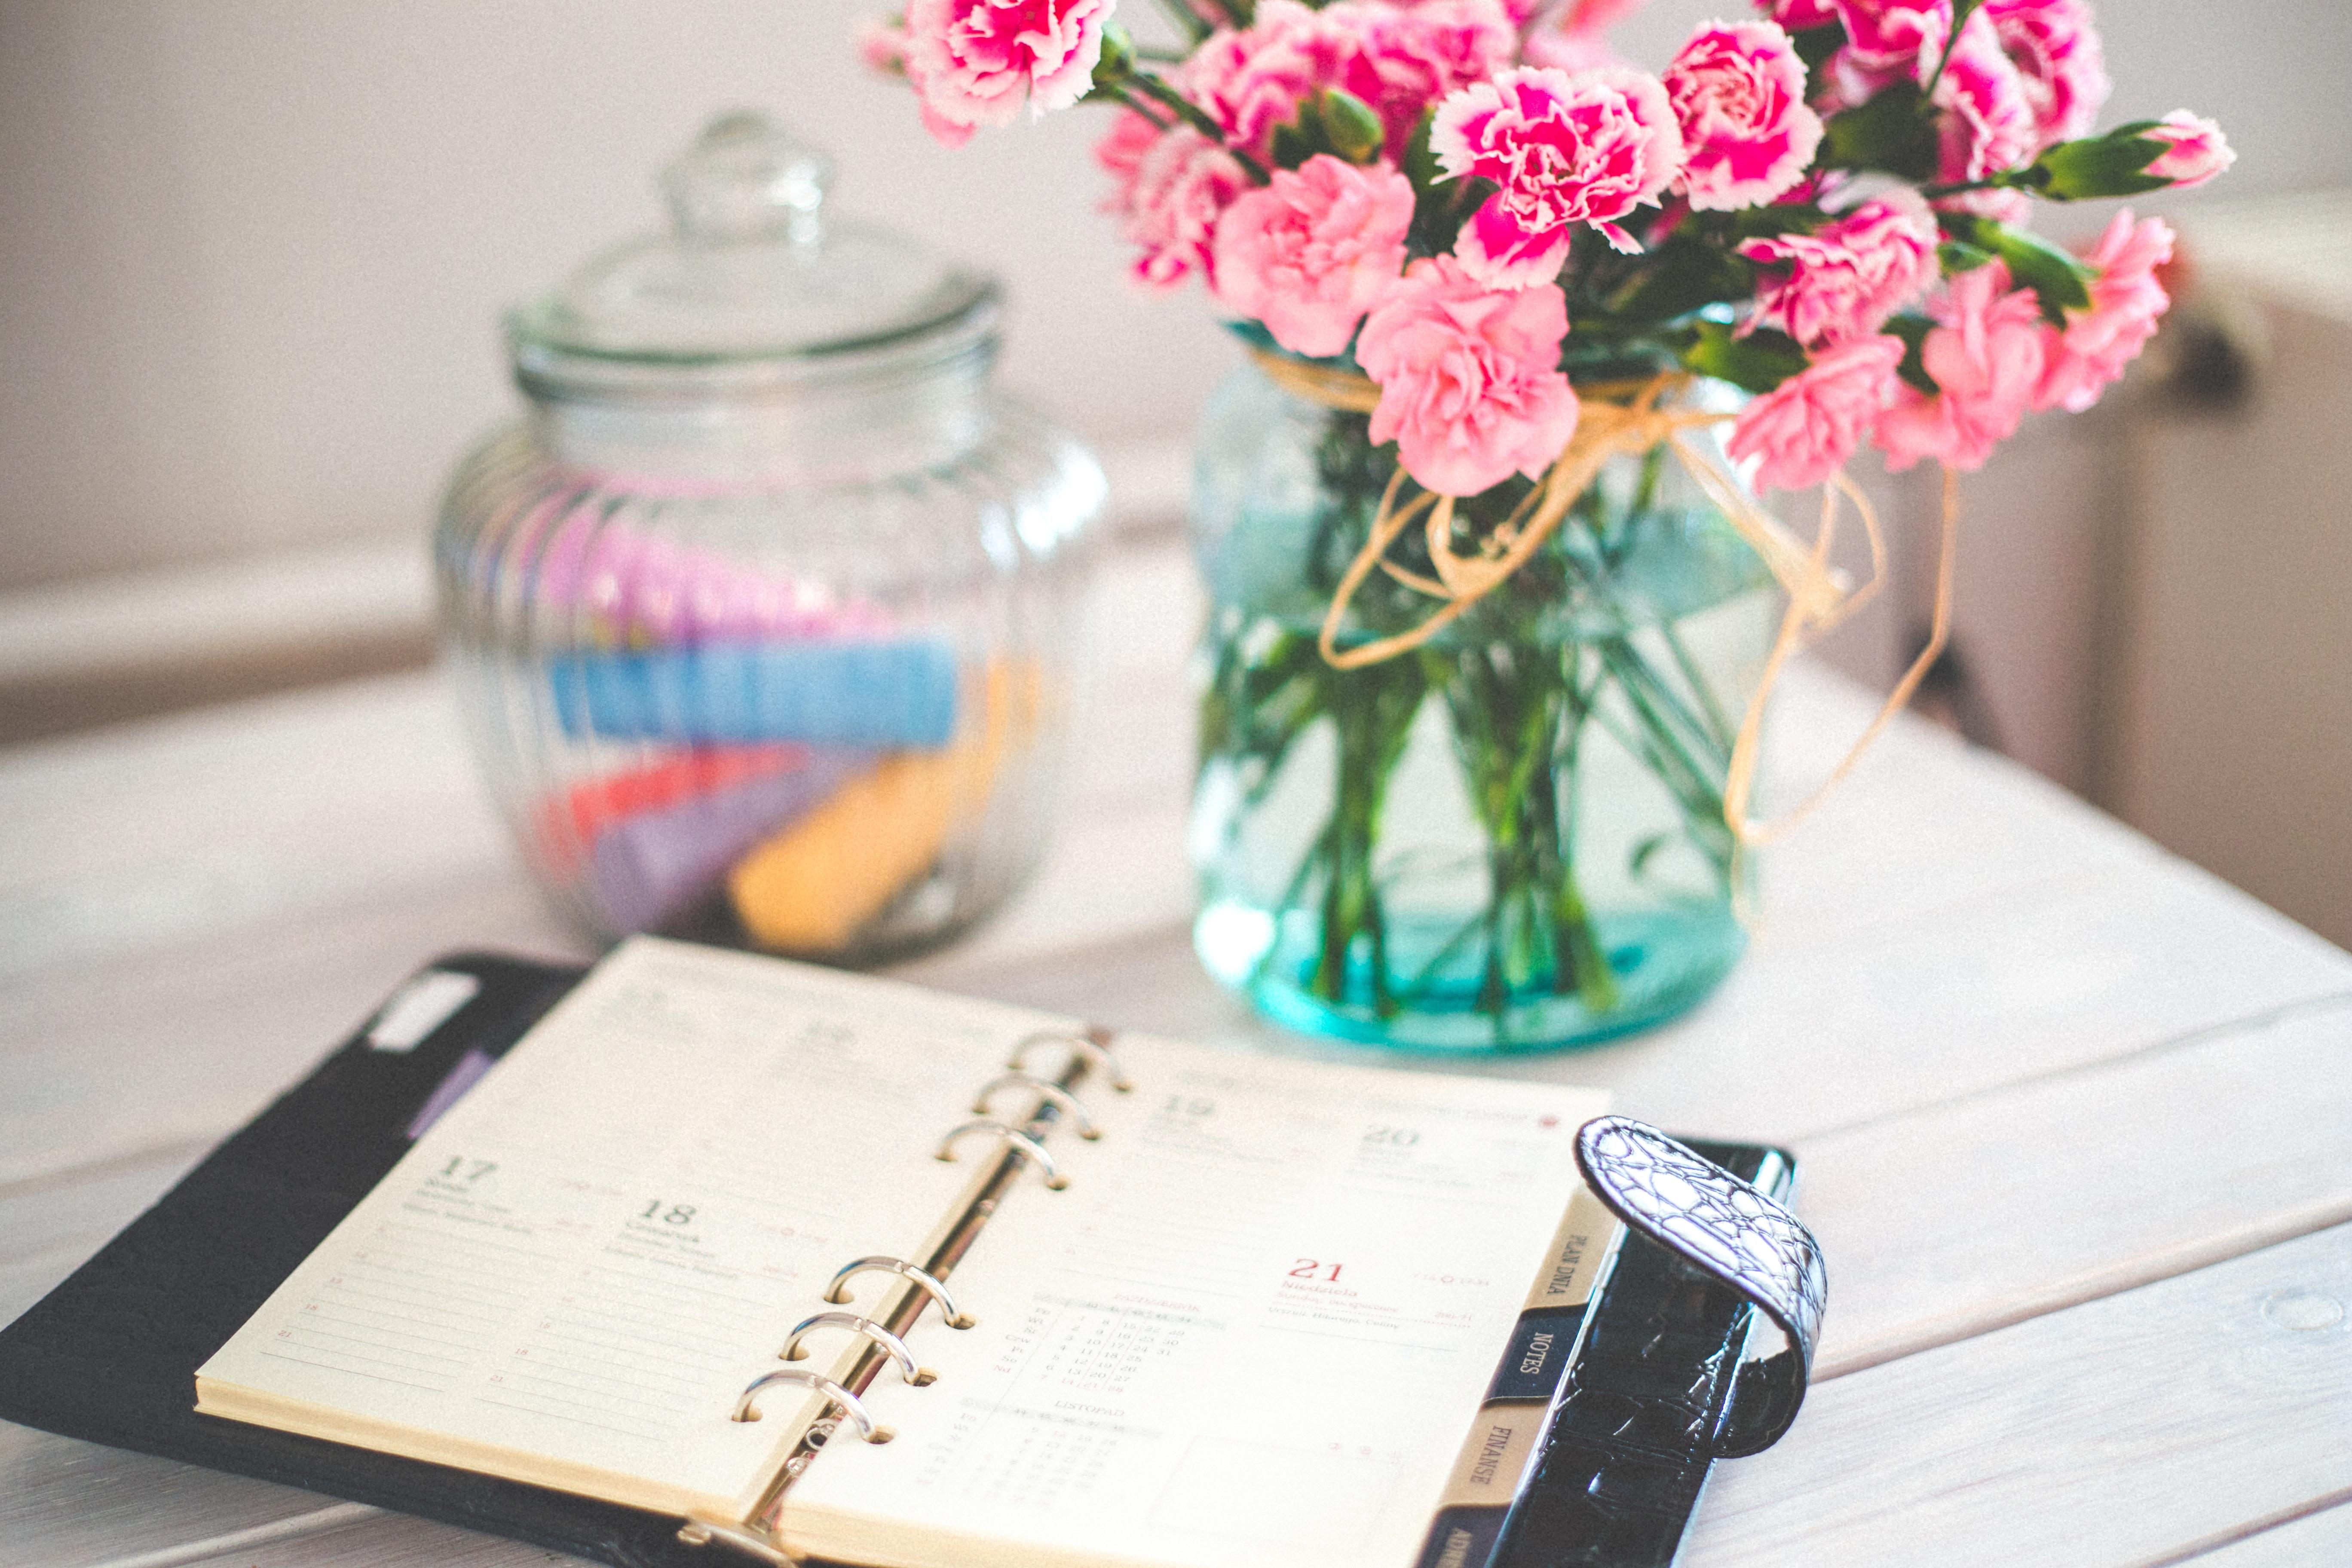 Schrijf als volwassene regelmatig in jouw dagboek